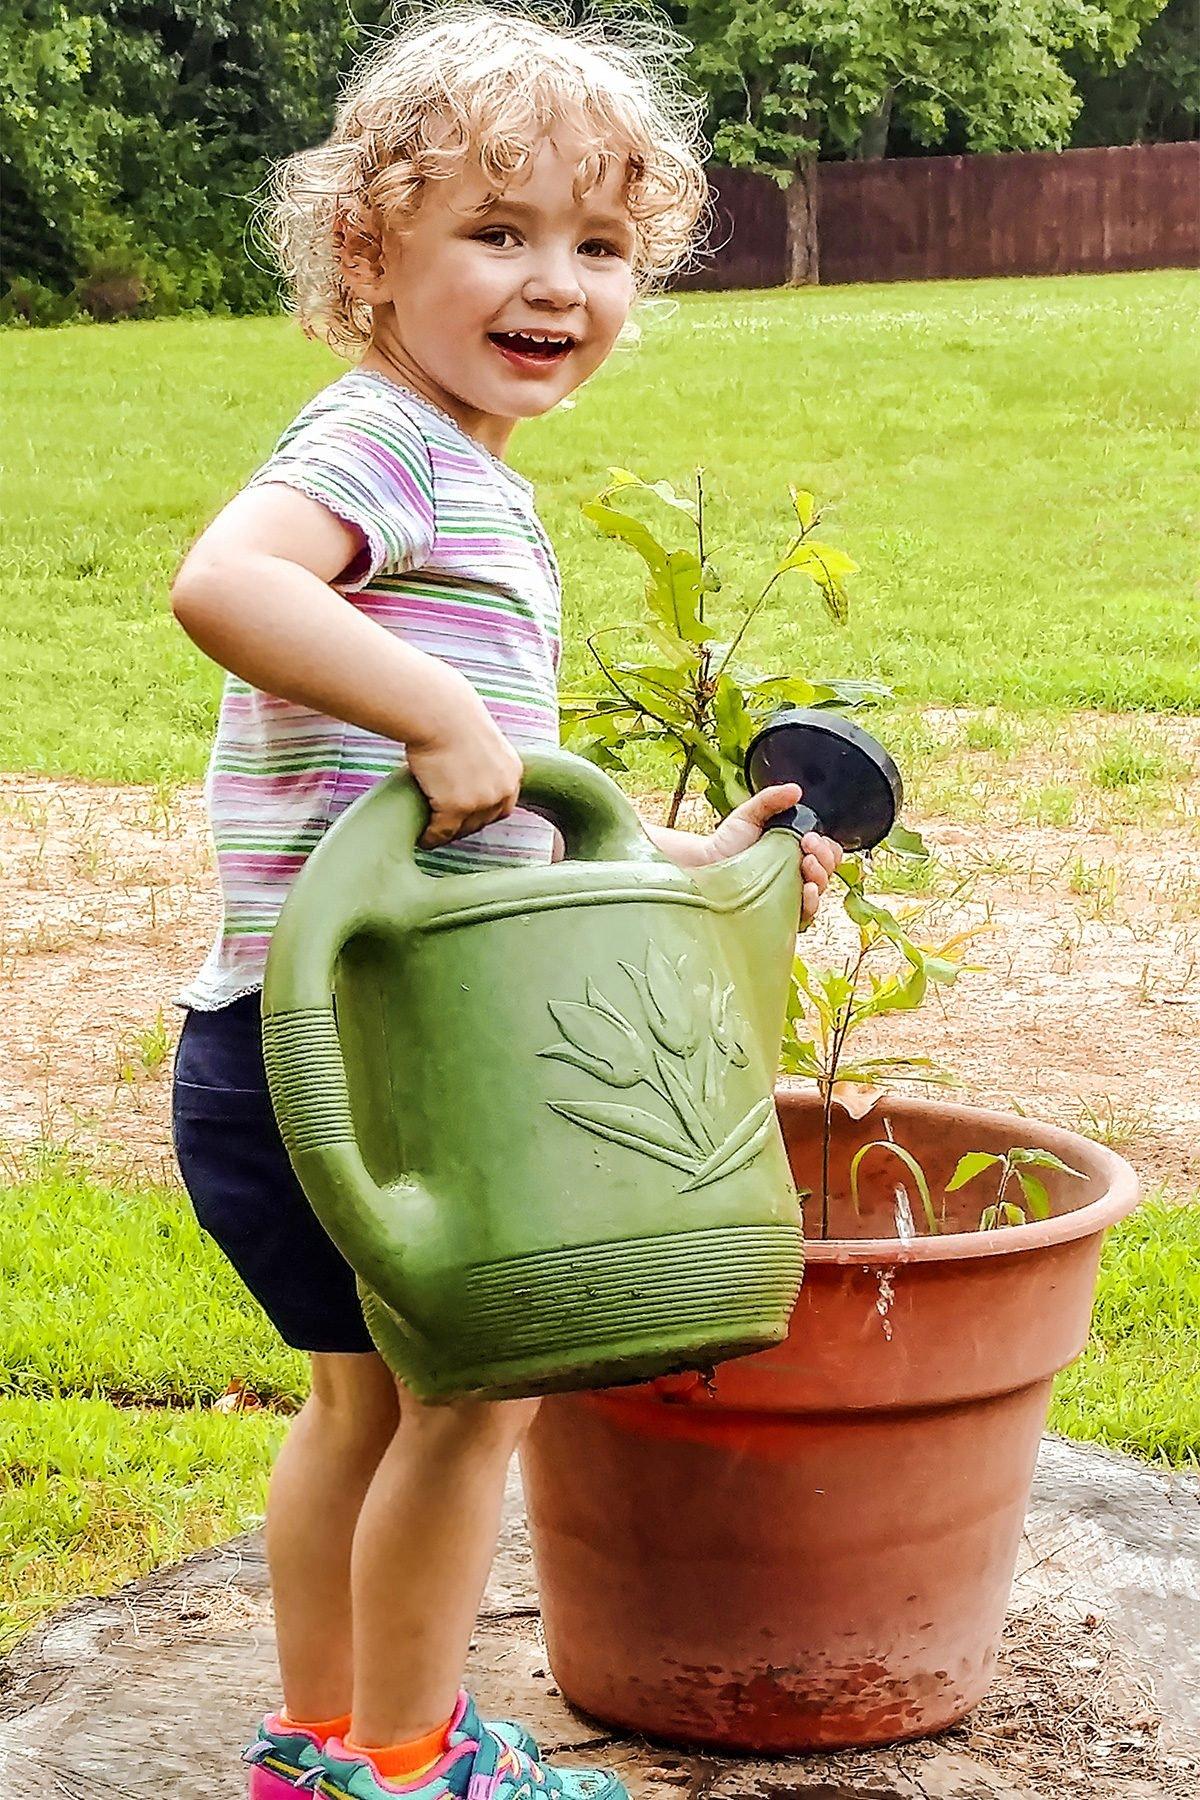 grandaughter watering flower pot